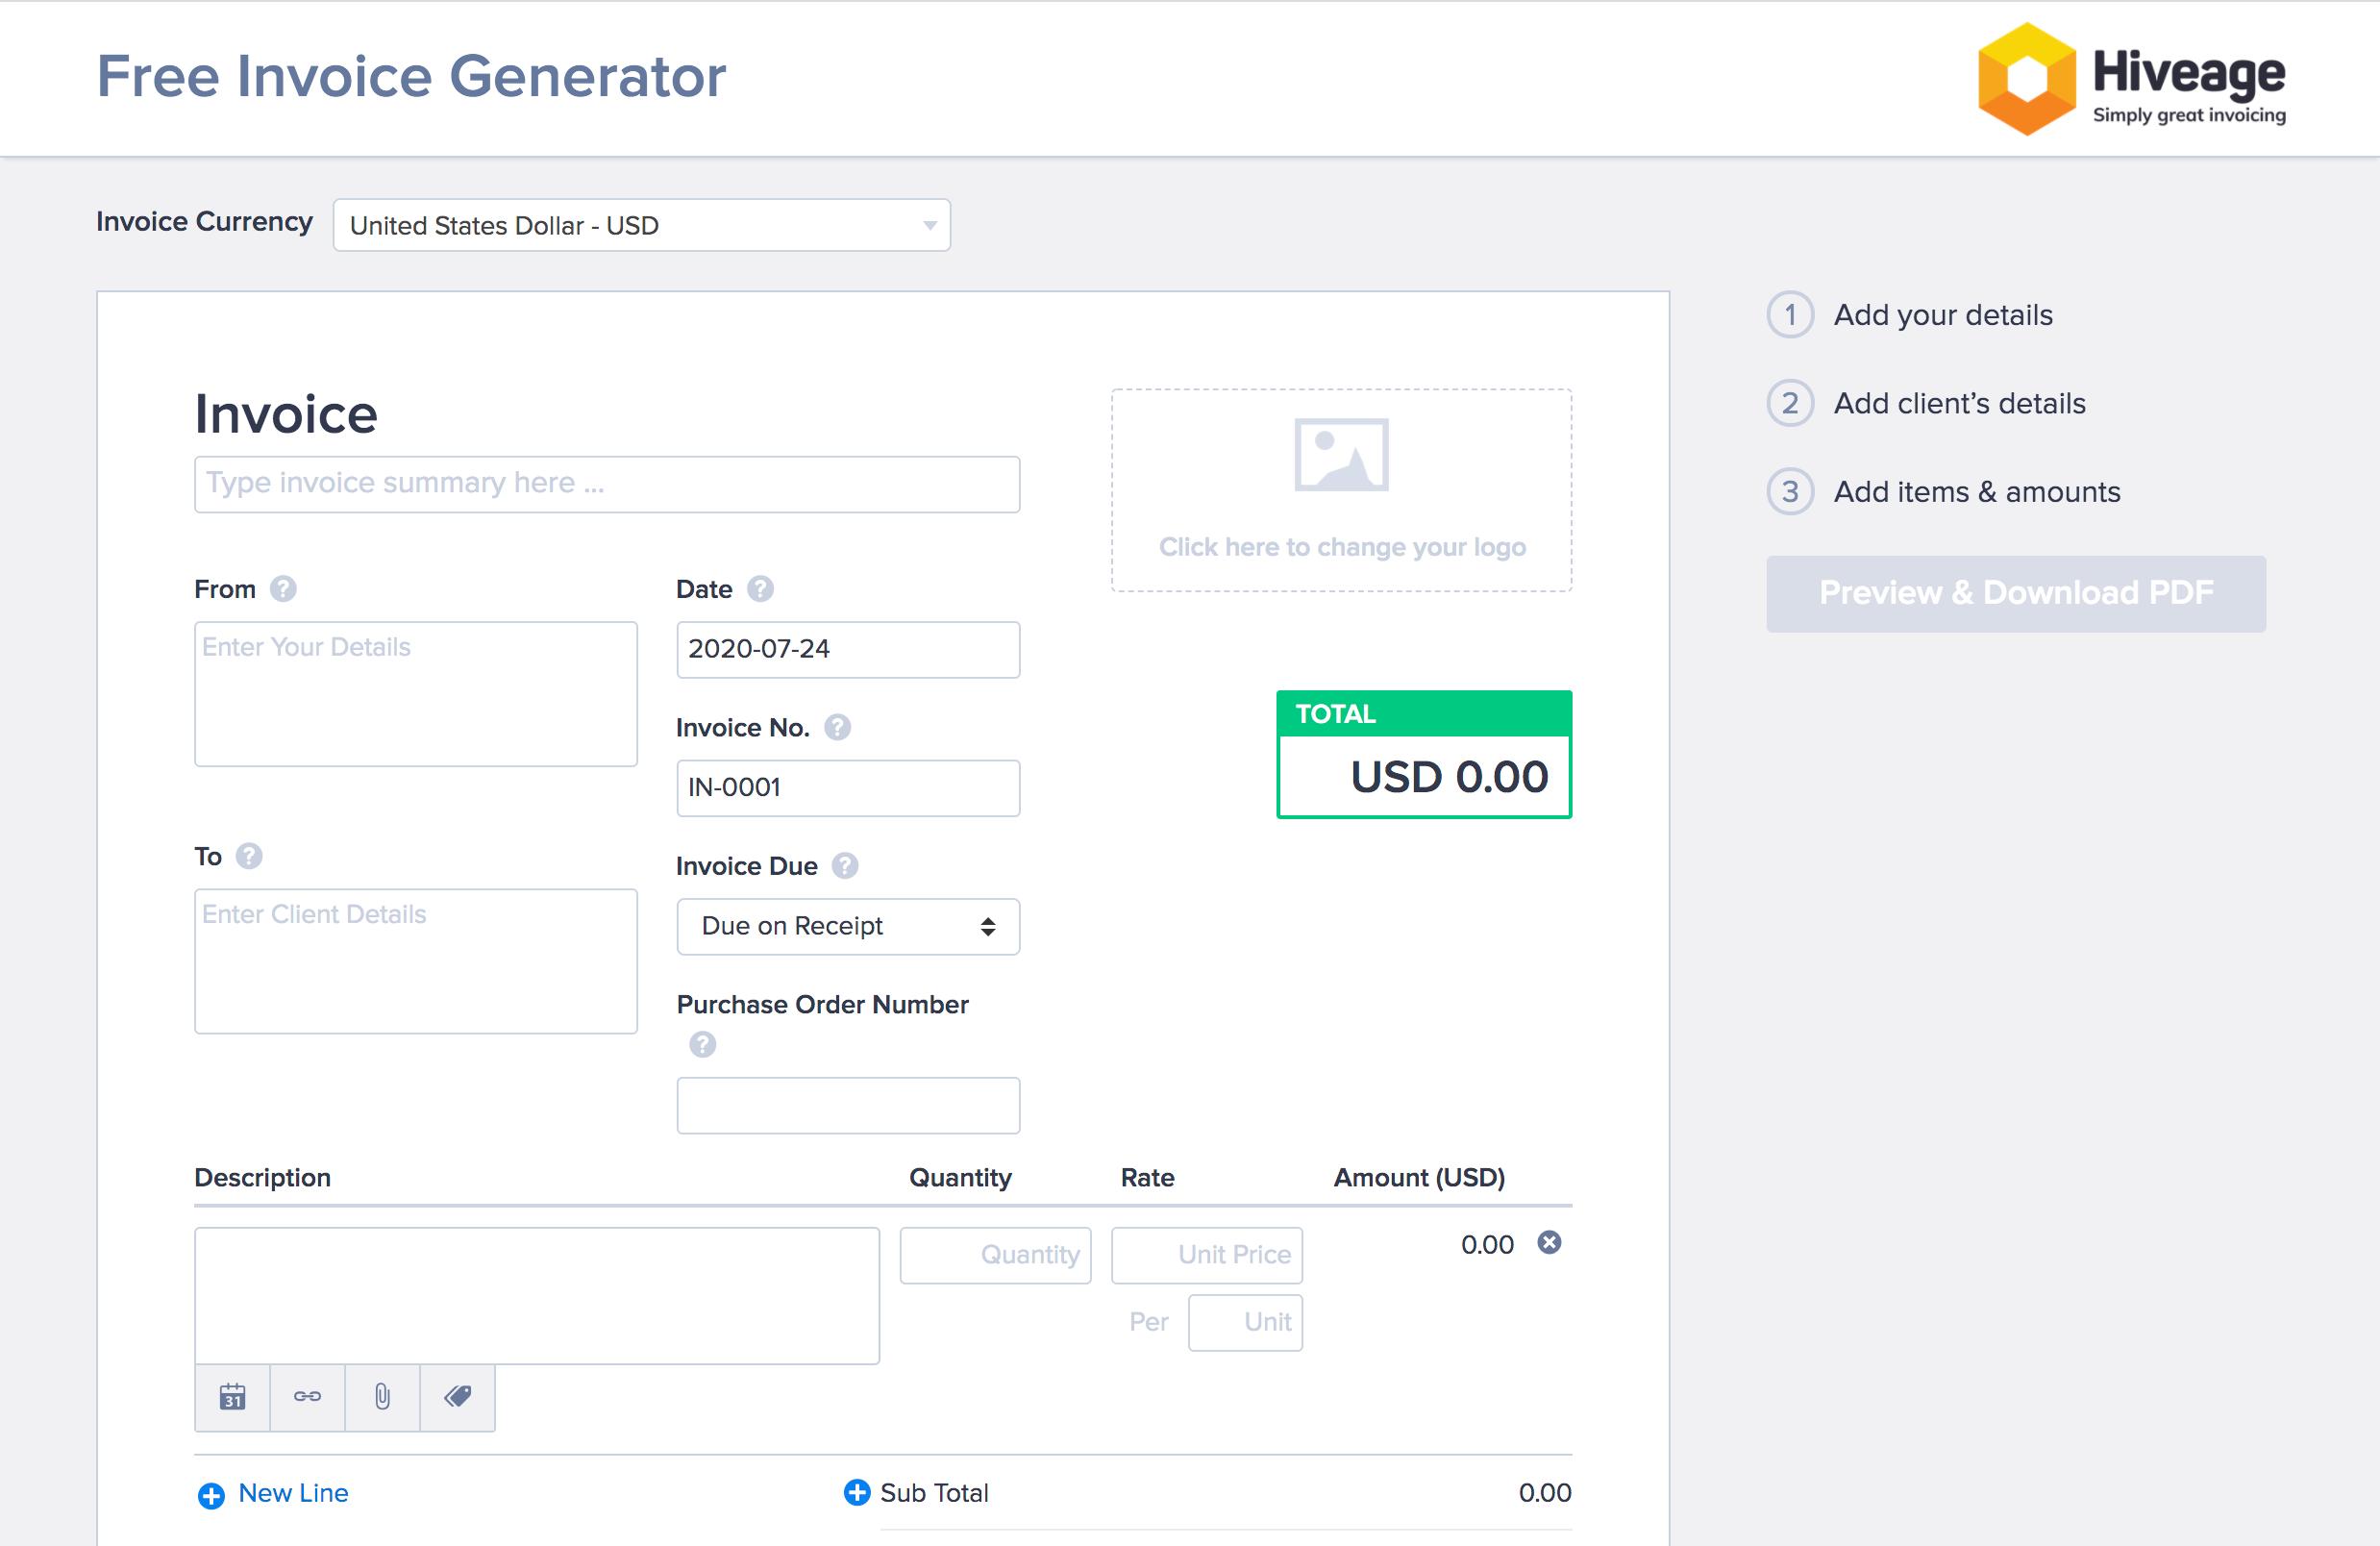 Hiveage free invoice generator